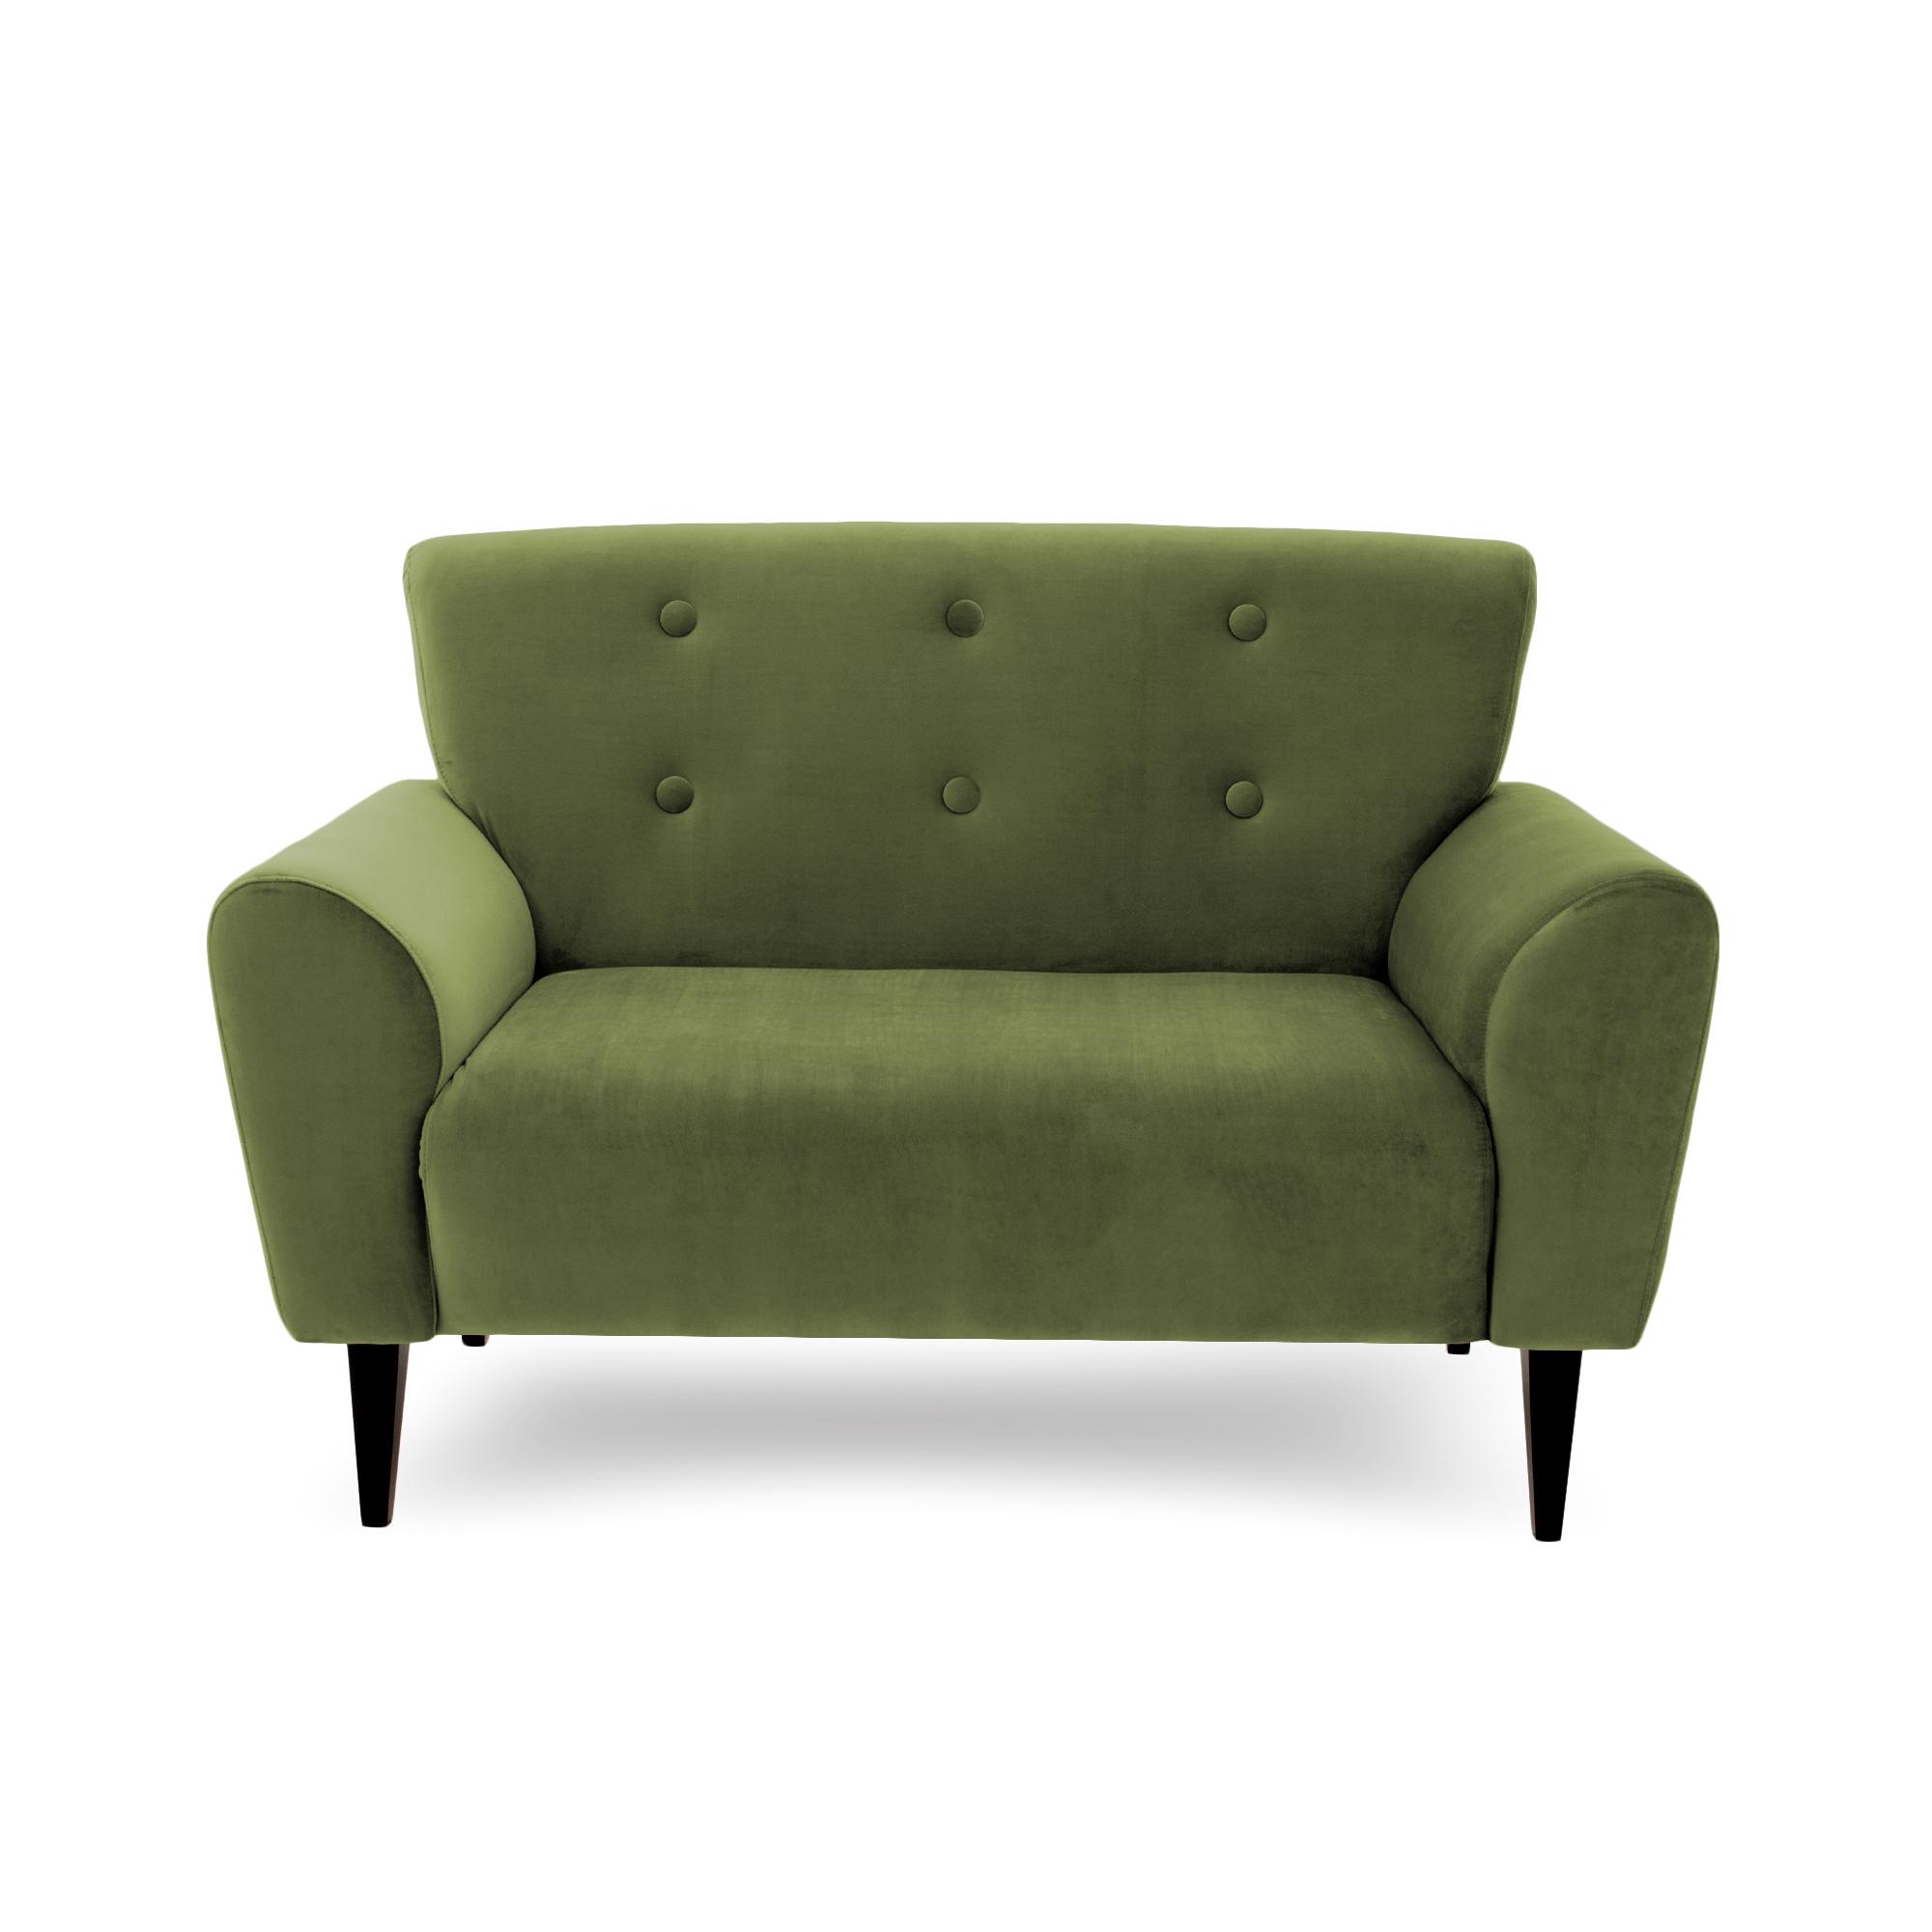 Canapea Fixa 2 locuri Kiara Olive Green